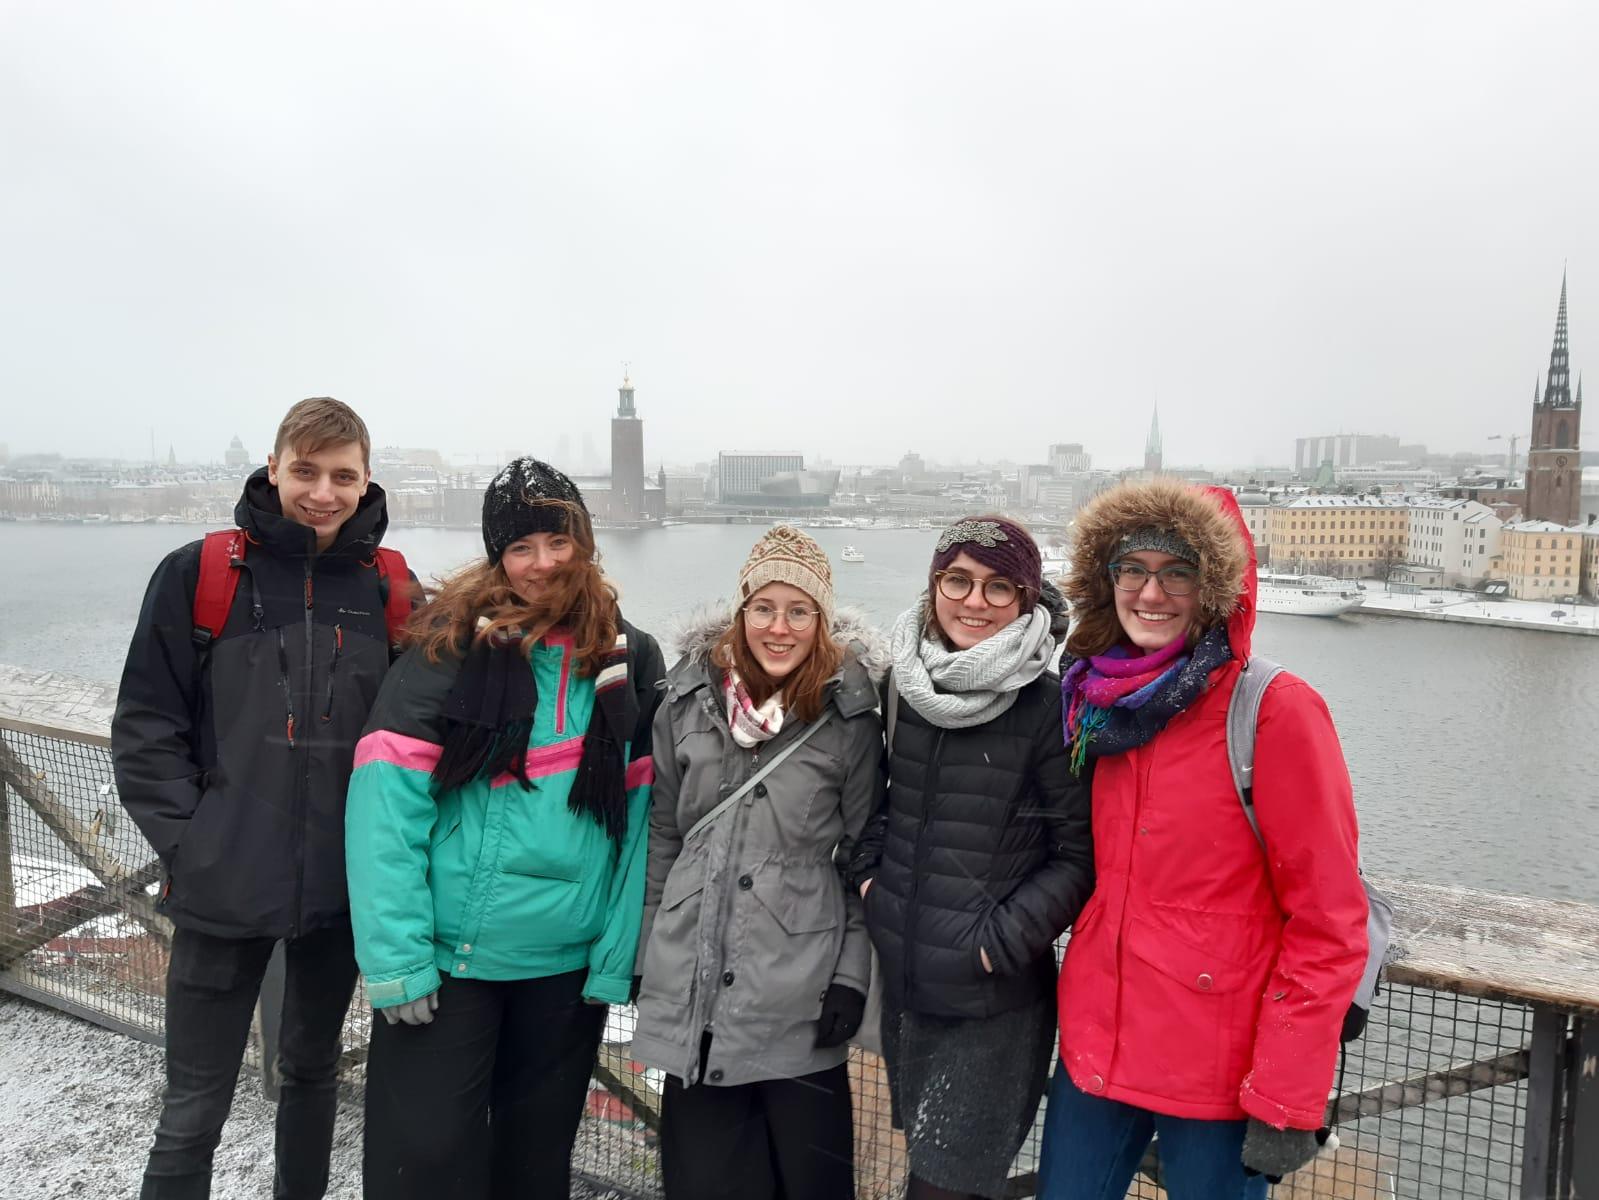 v.l. Lorenz, Klara, Hannah, Clarita und Sonja in Stockholm